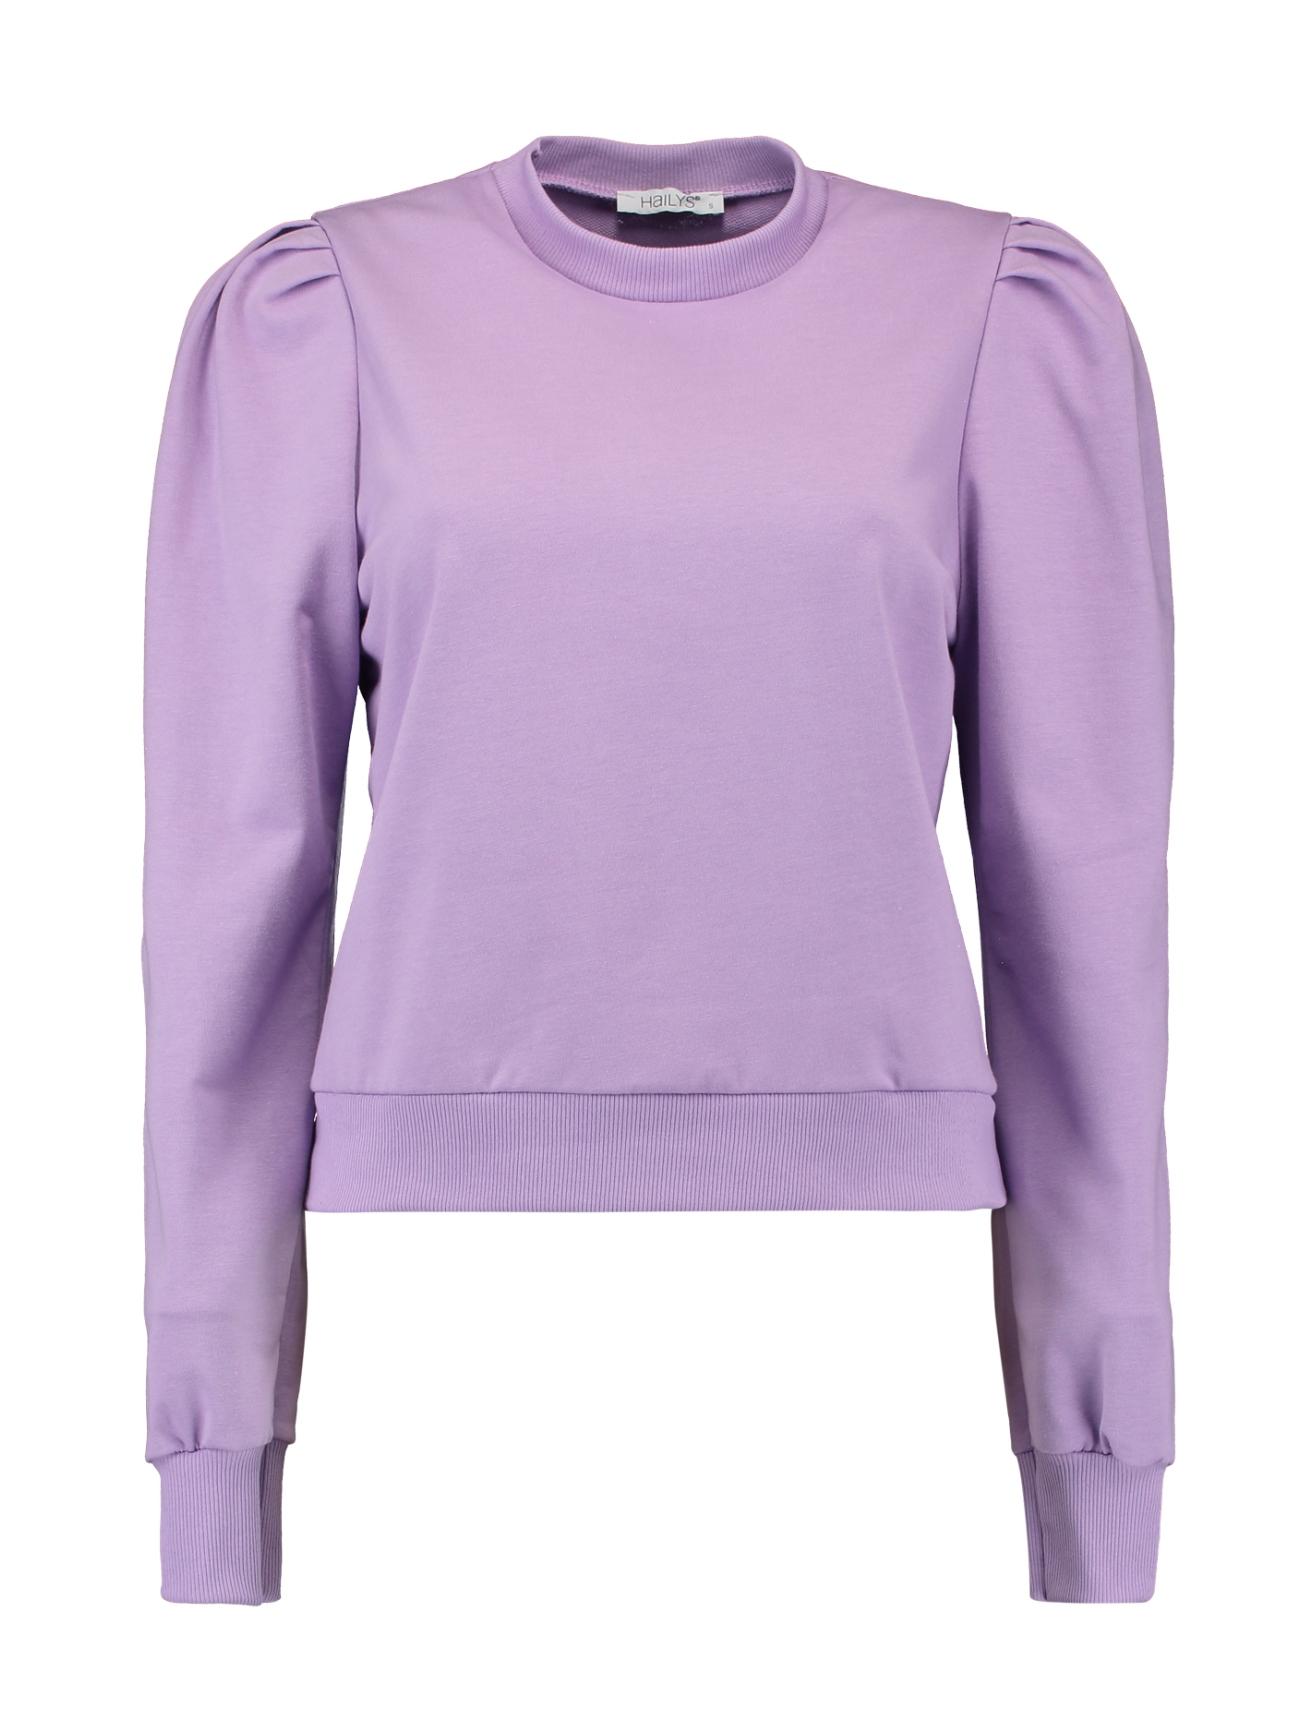 Cropped Sweatshirt mit Puffärmel